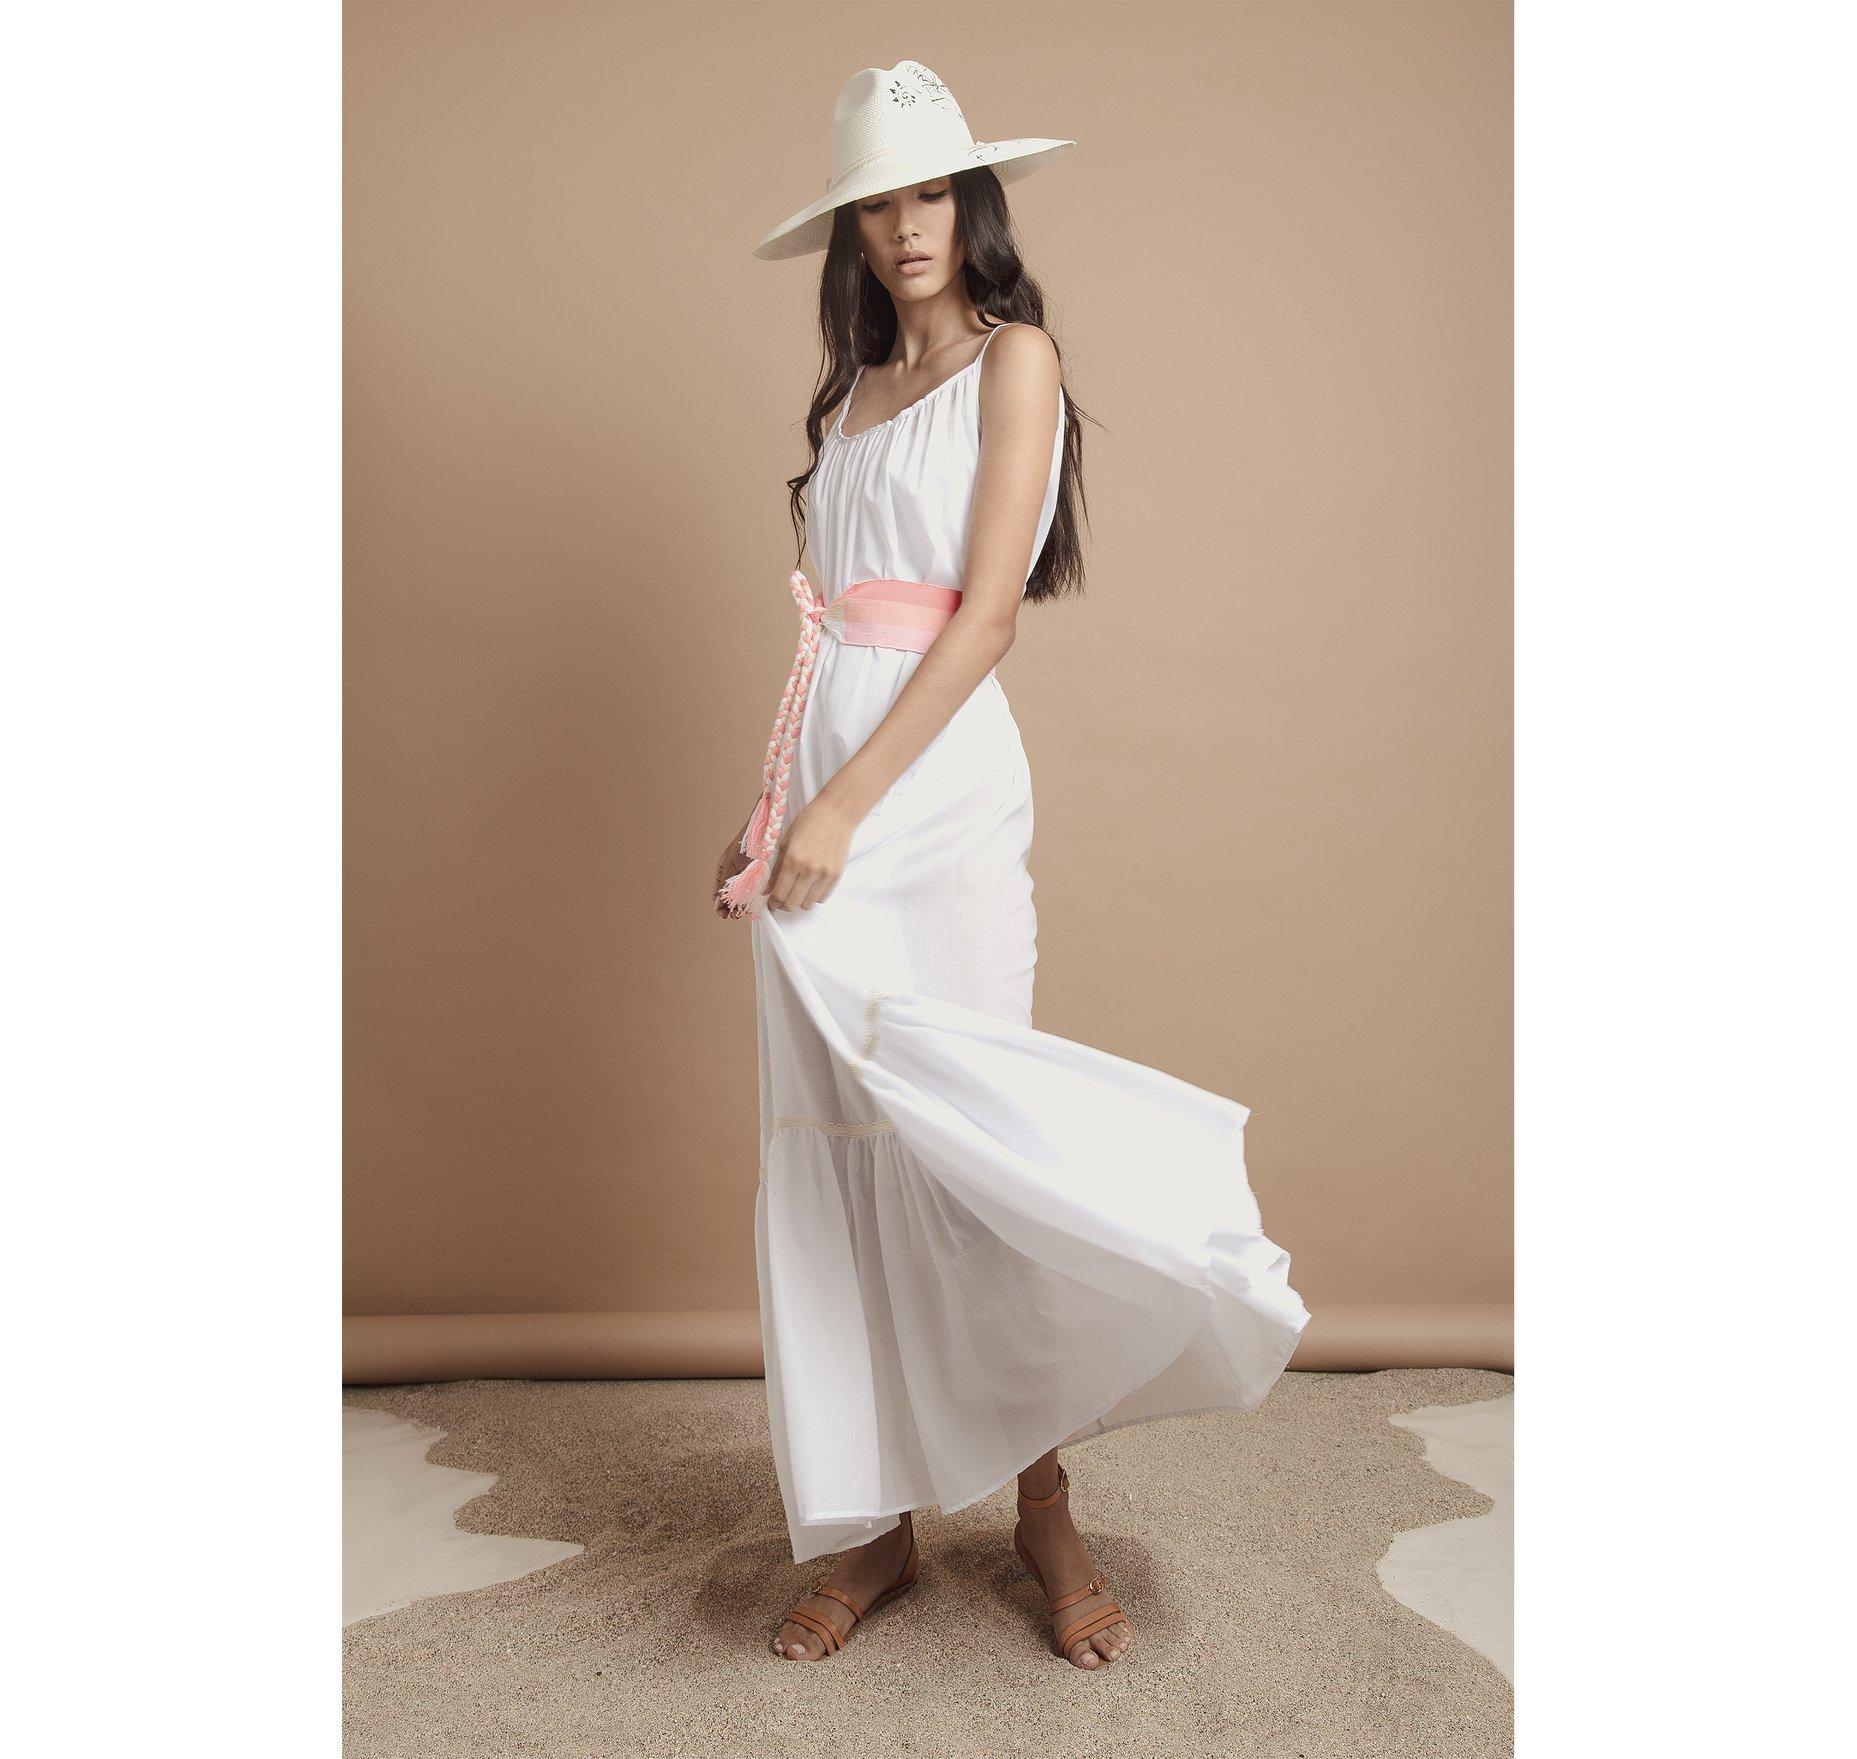 CLASSIC FLOWY MAXI DRESS WITH BELT